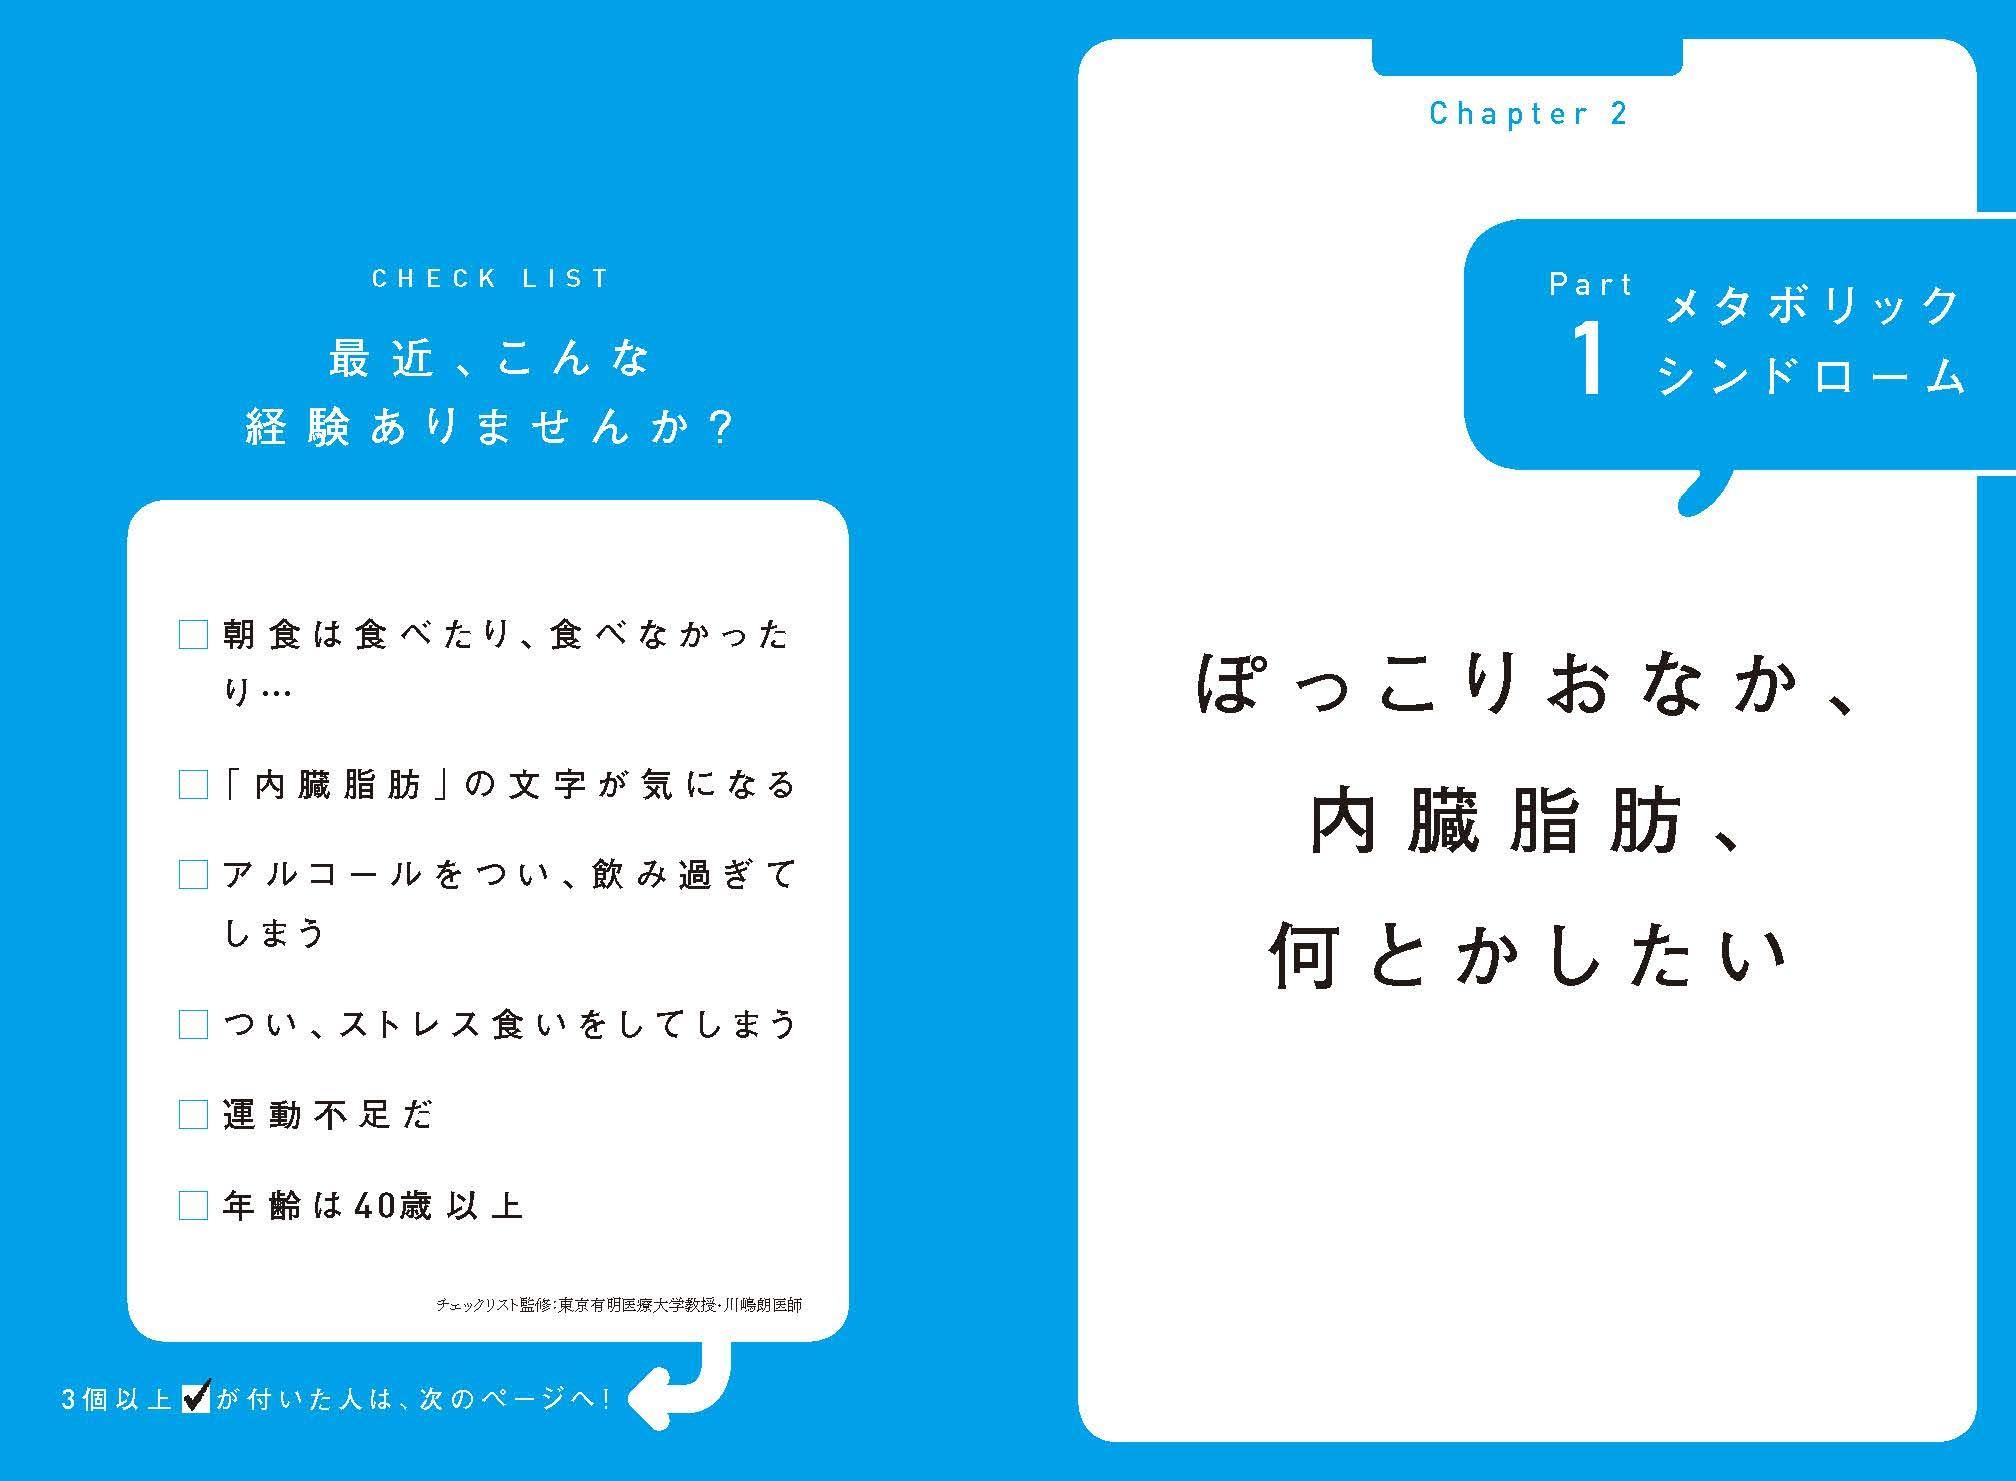 冊 試し コース ハルメク 3 お 雑誌